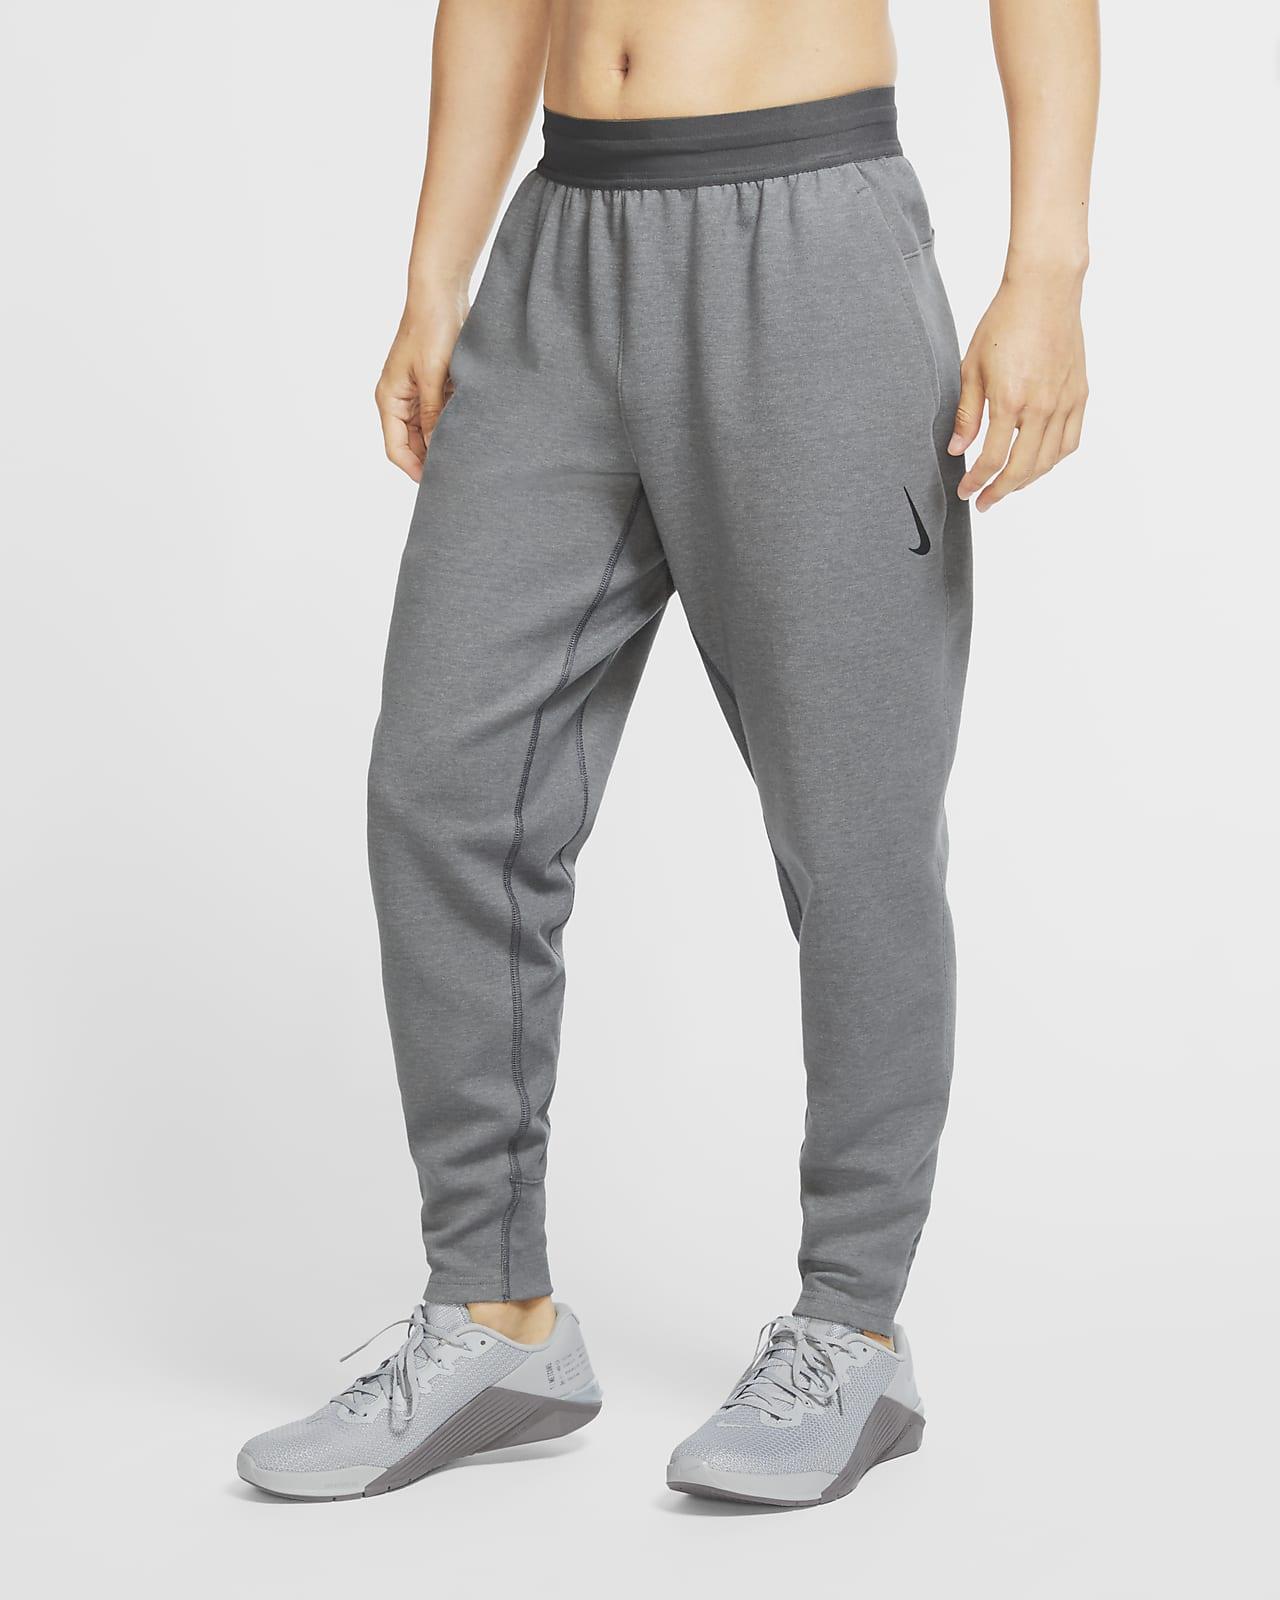 Calças Nike Yoga para homem